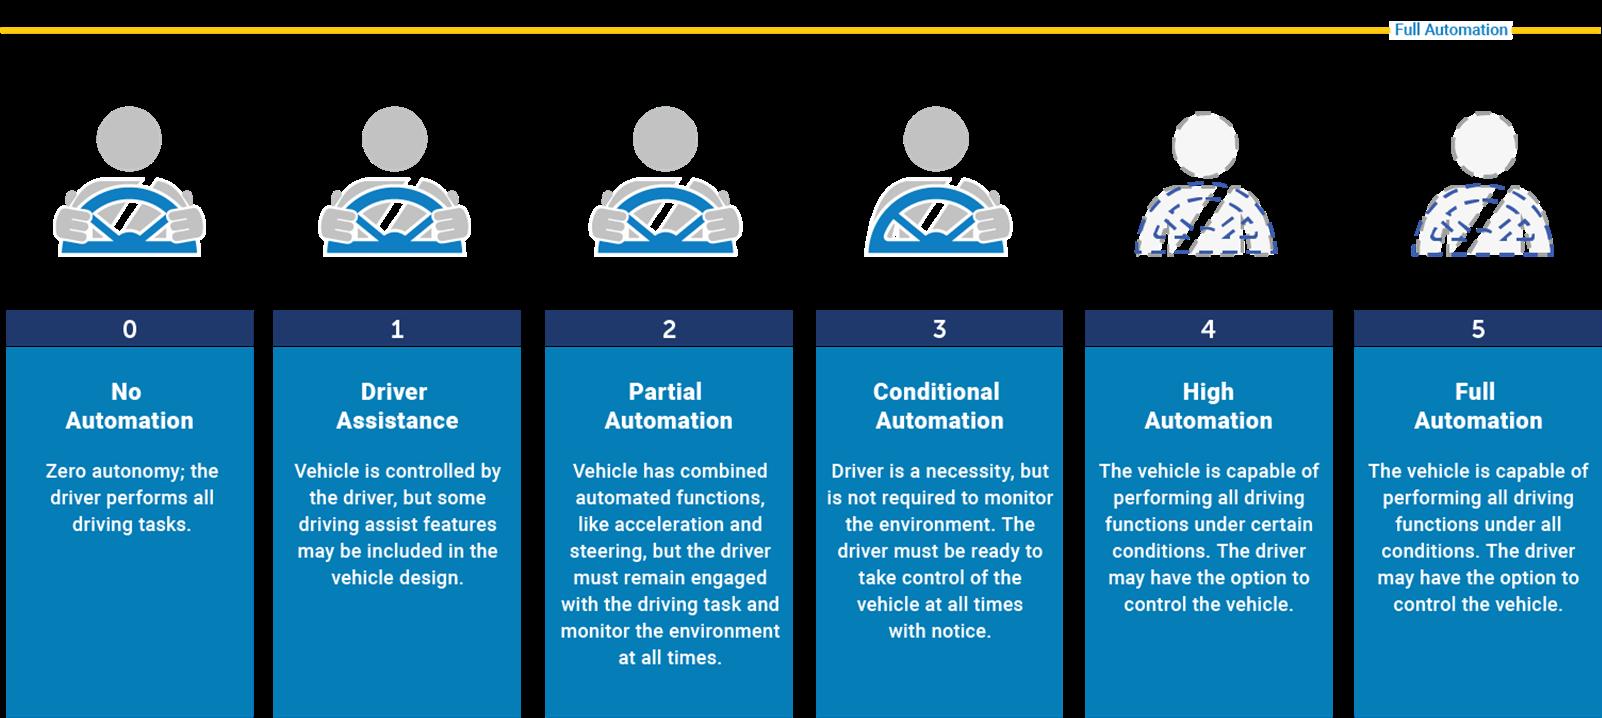 Levels of Automation description.  Level 0: No Automation Level 1: Driver Assistance  Level 2: Partial Automation Level 3: Conditional Automation  Level 4: High Automation  Level 5: Full Automation